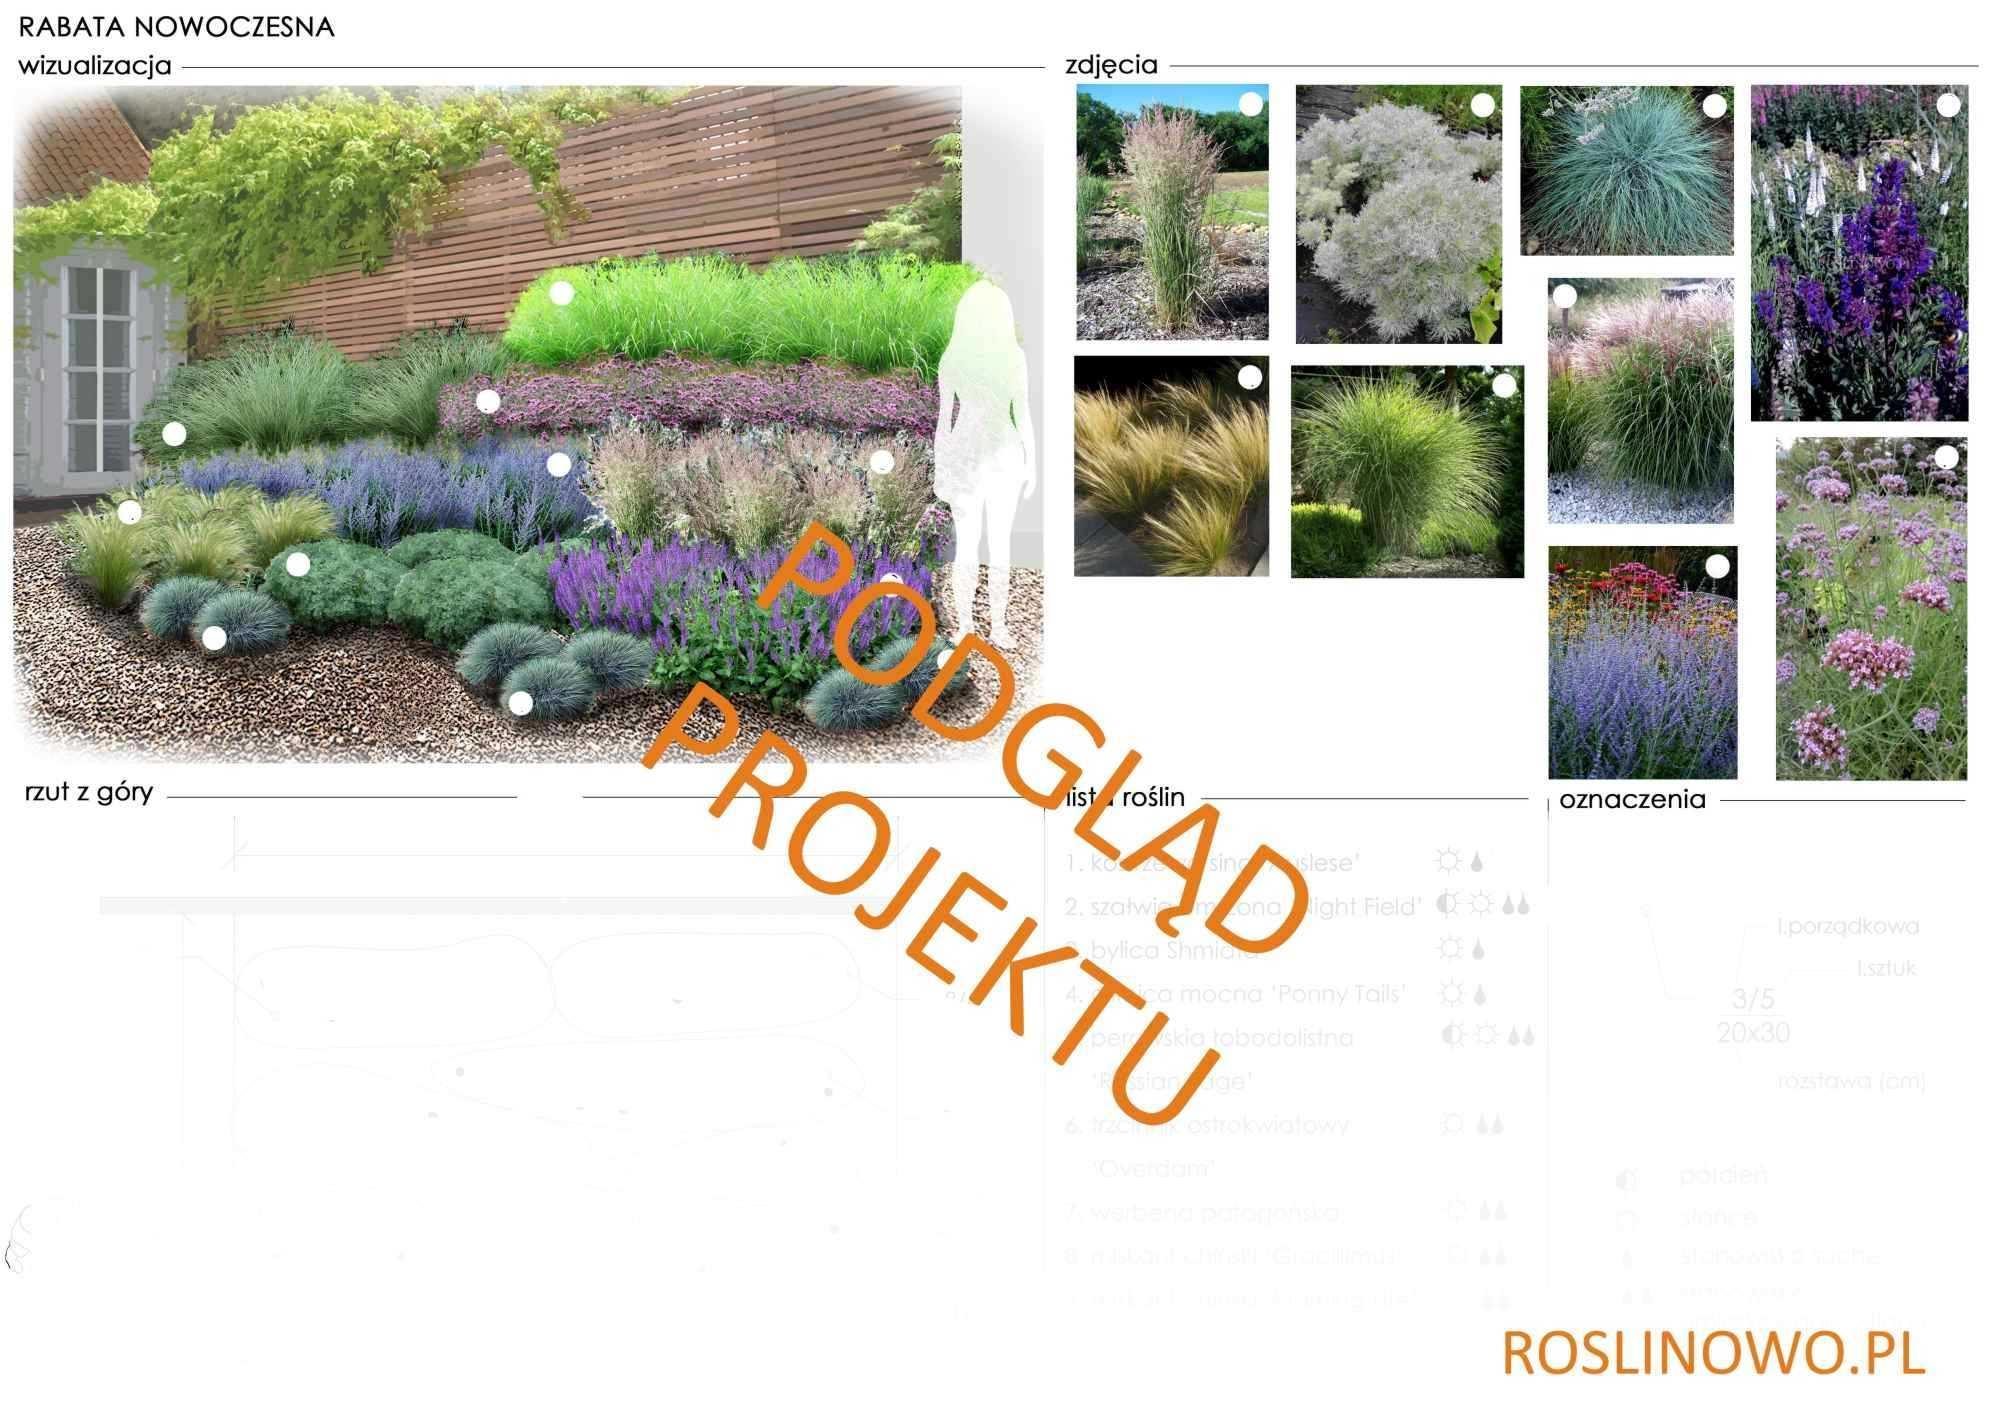 projekt nasadzeń roślin rabaty bylinowej - nowoczesna